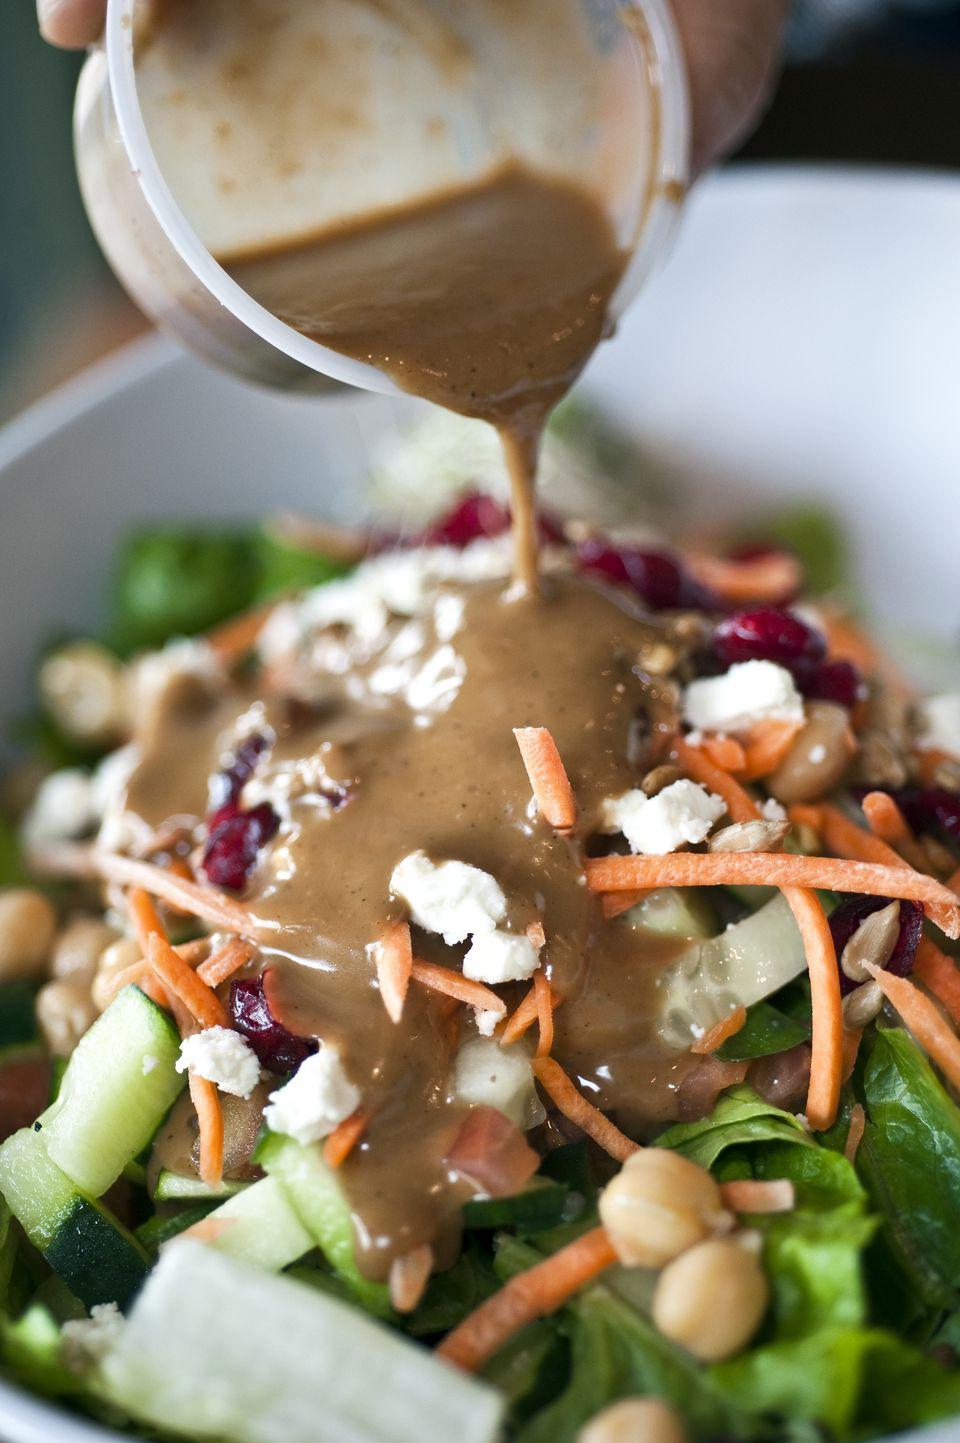 Balsamic Vinaigrette Salad Dressing